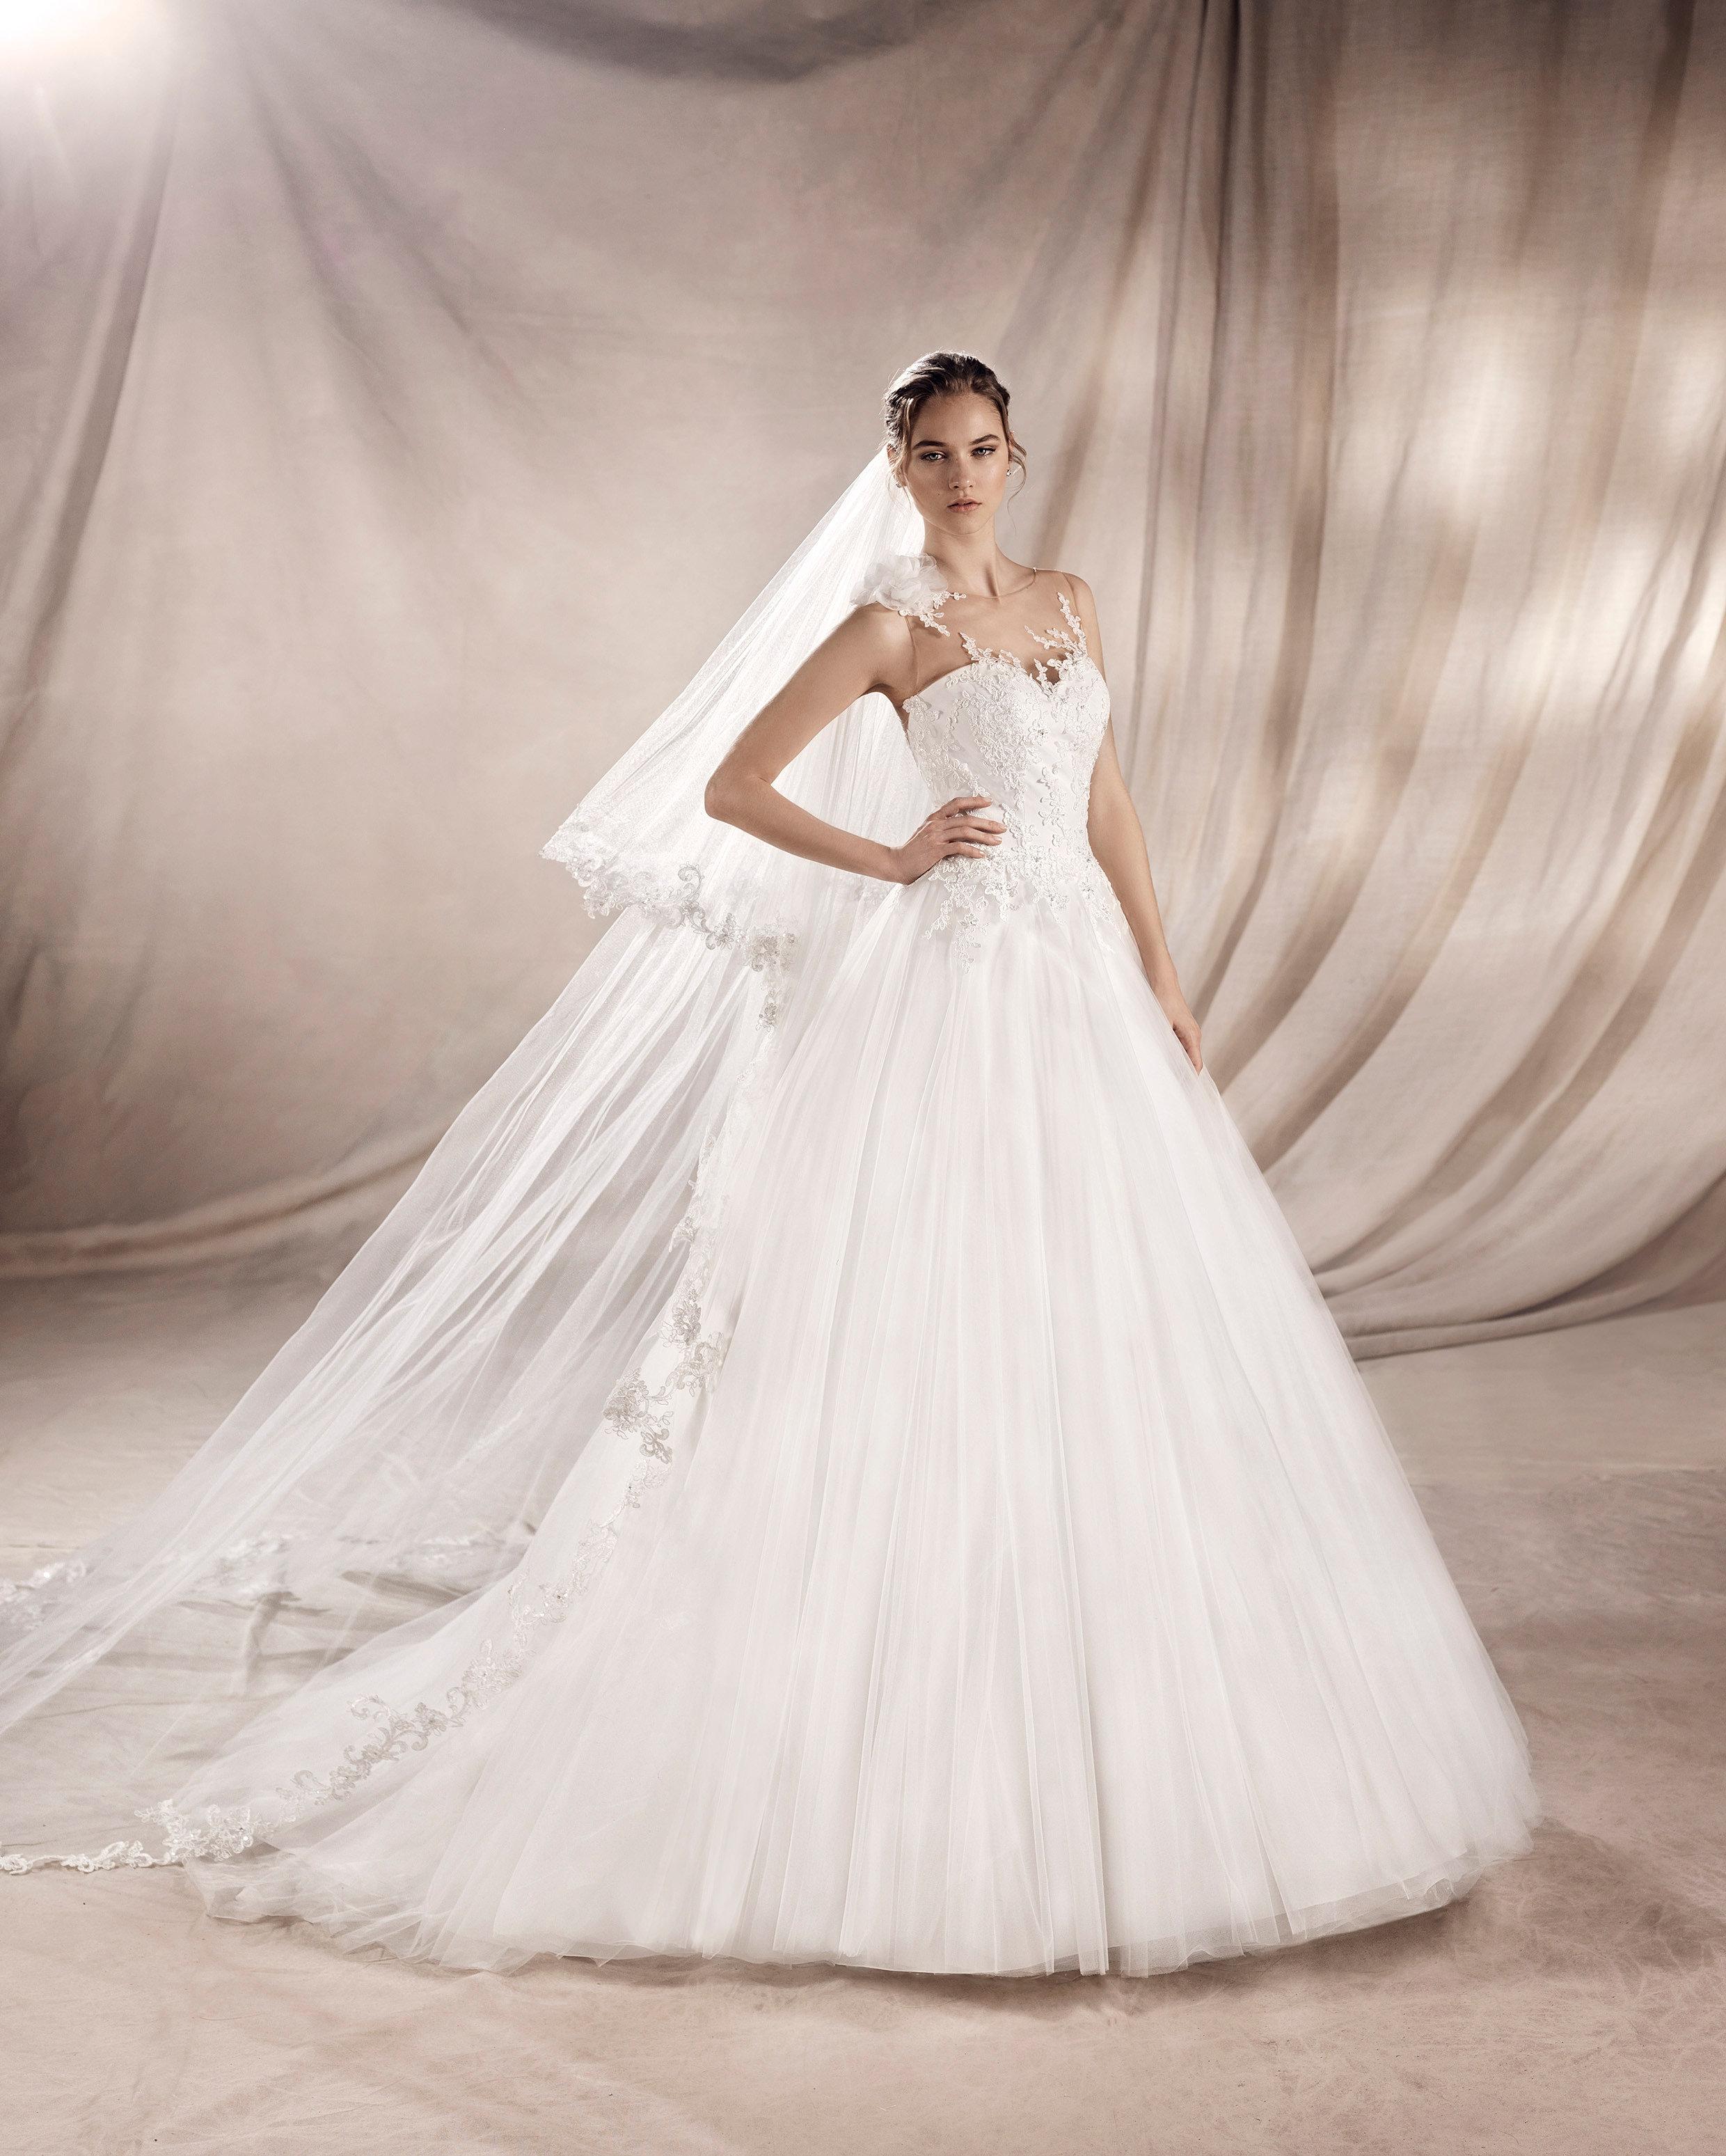 Romantic Dreams Bridal Boutique Birmingham Wedding